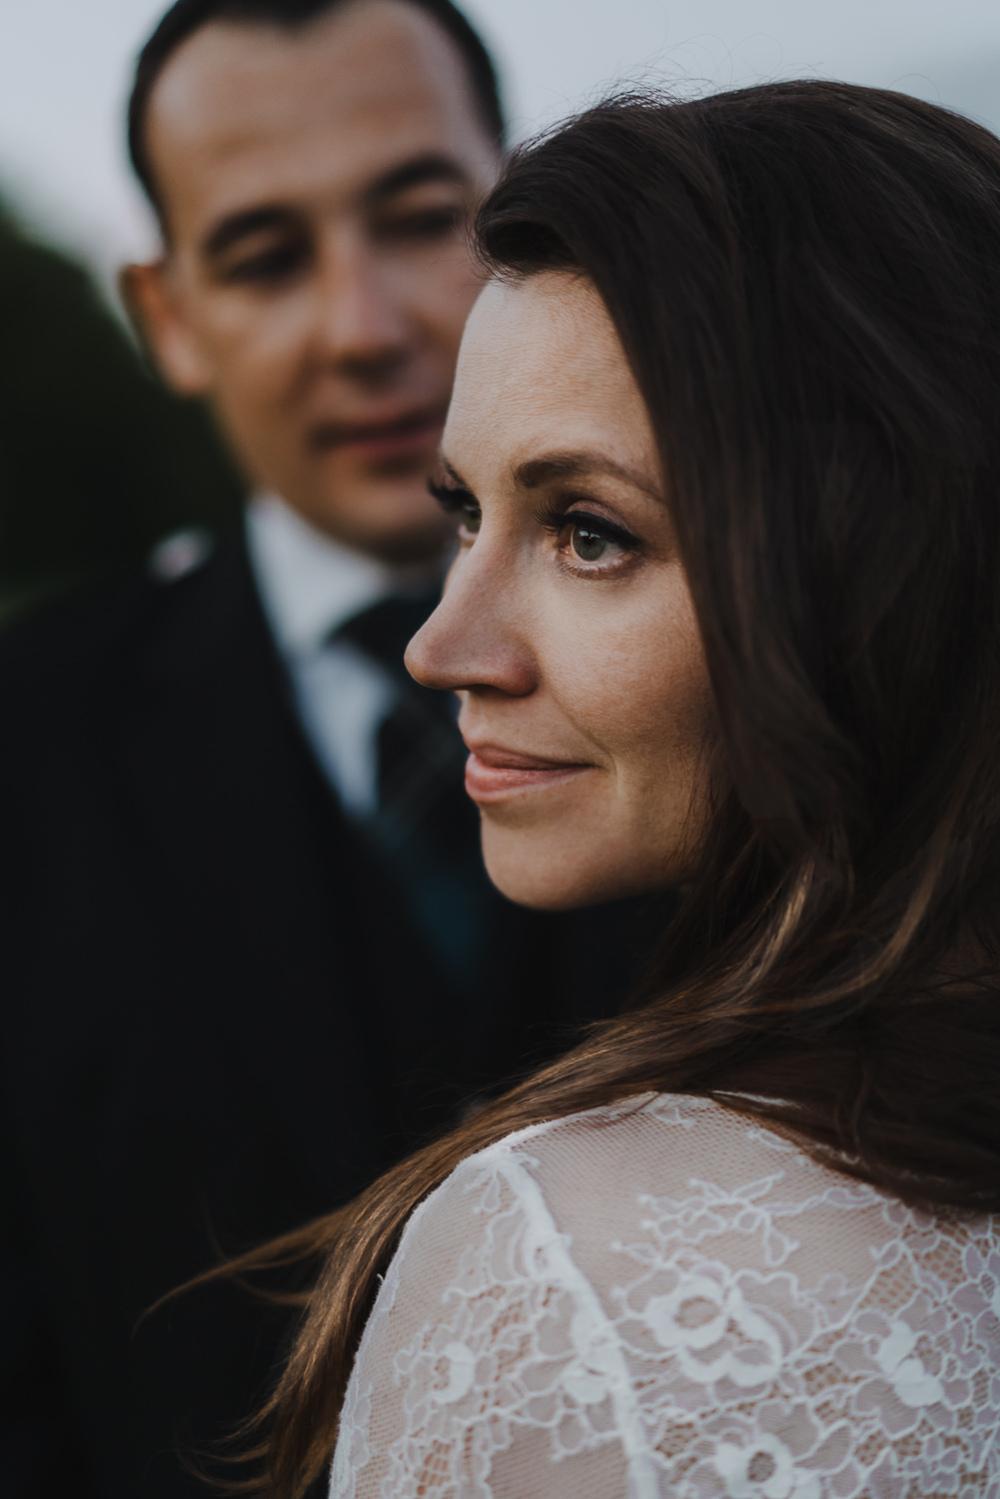 bruidsfotografie amsterdam aberdeen bride portrait